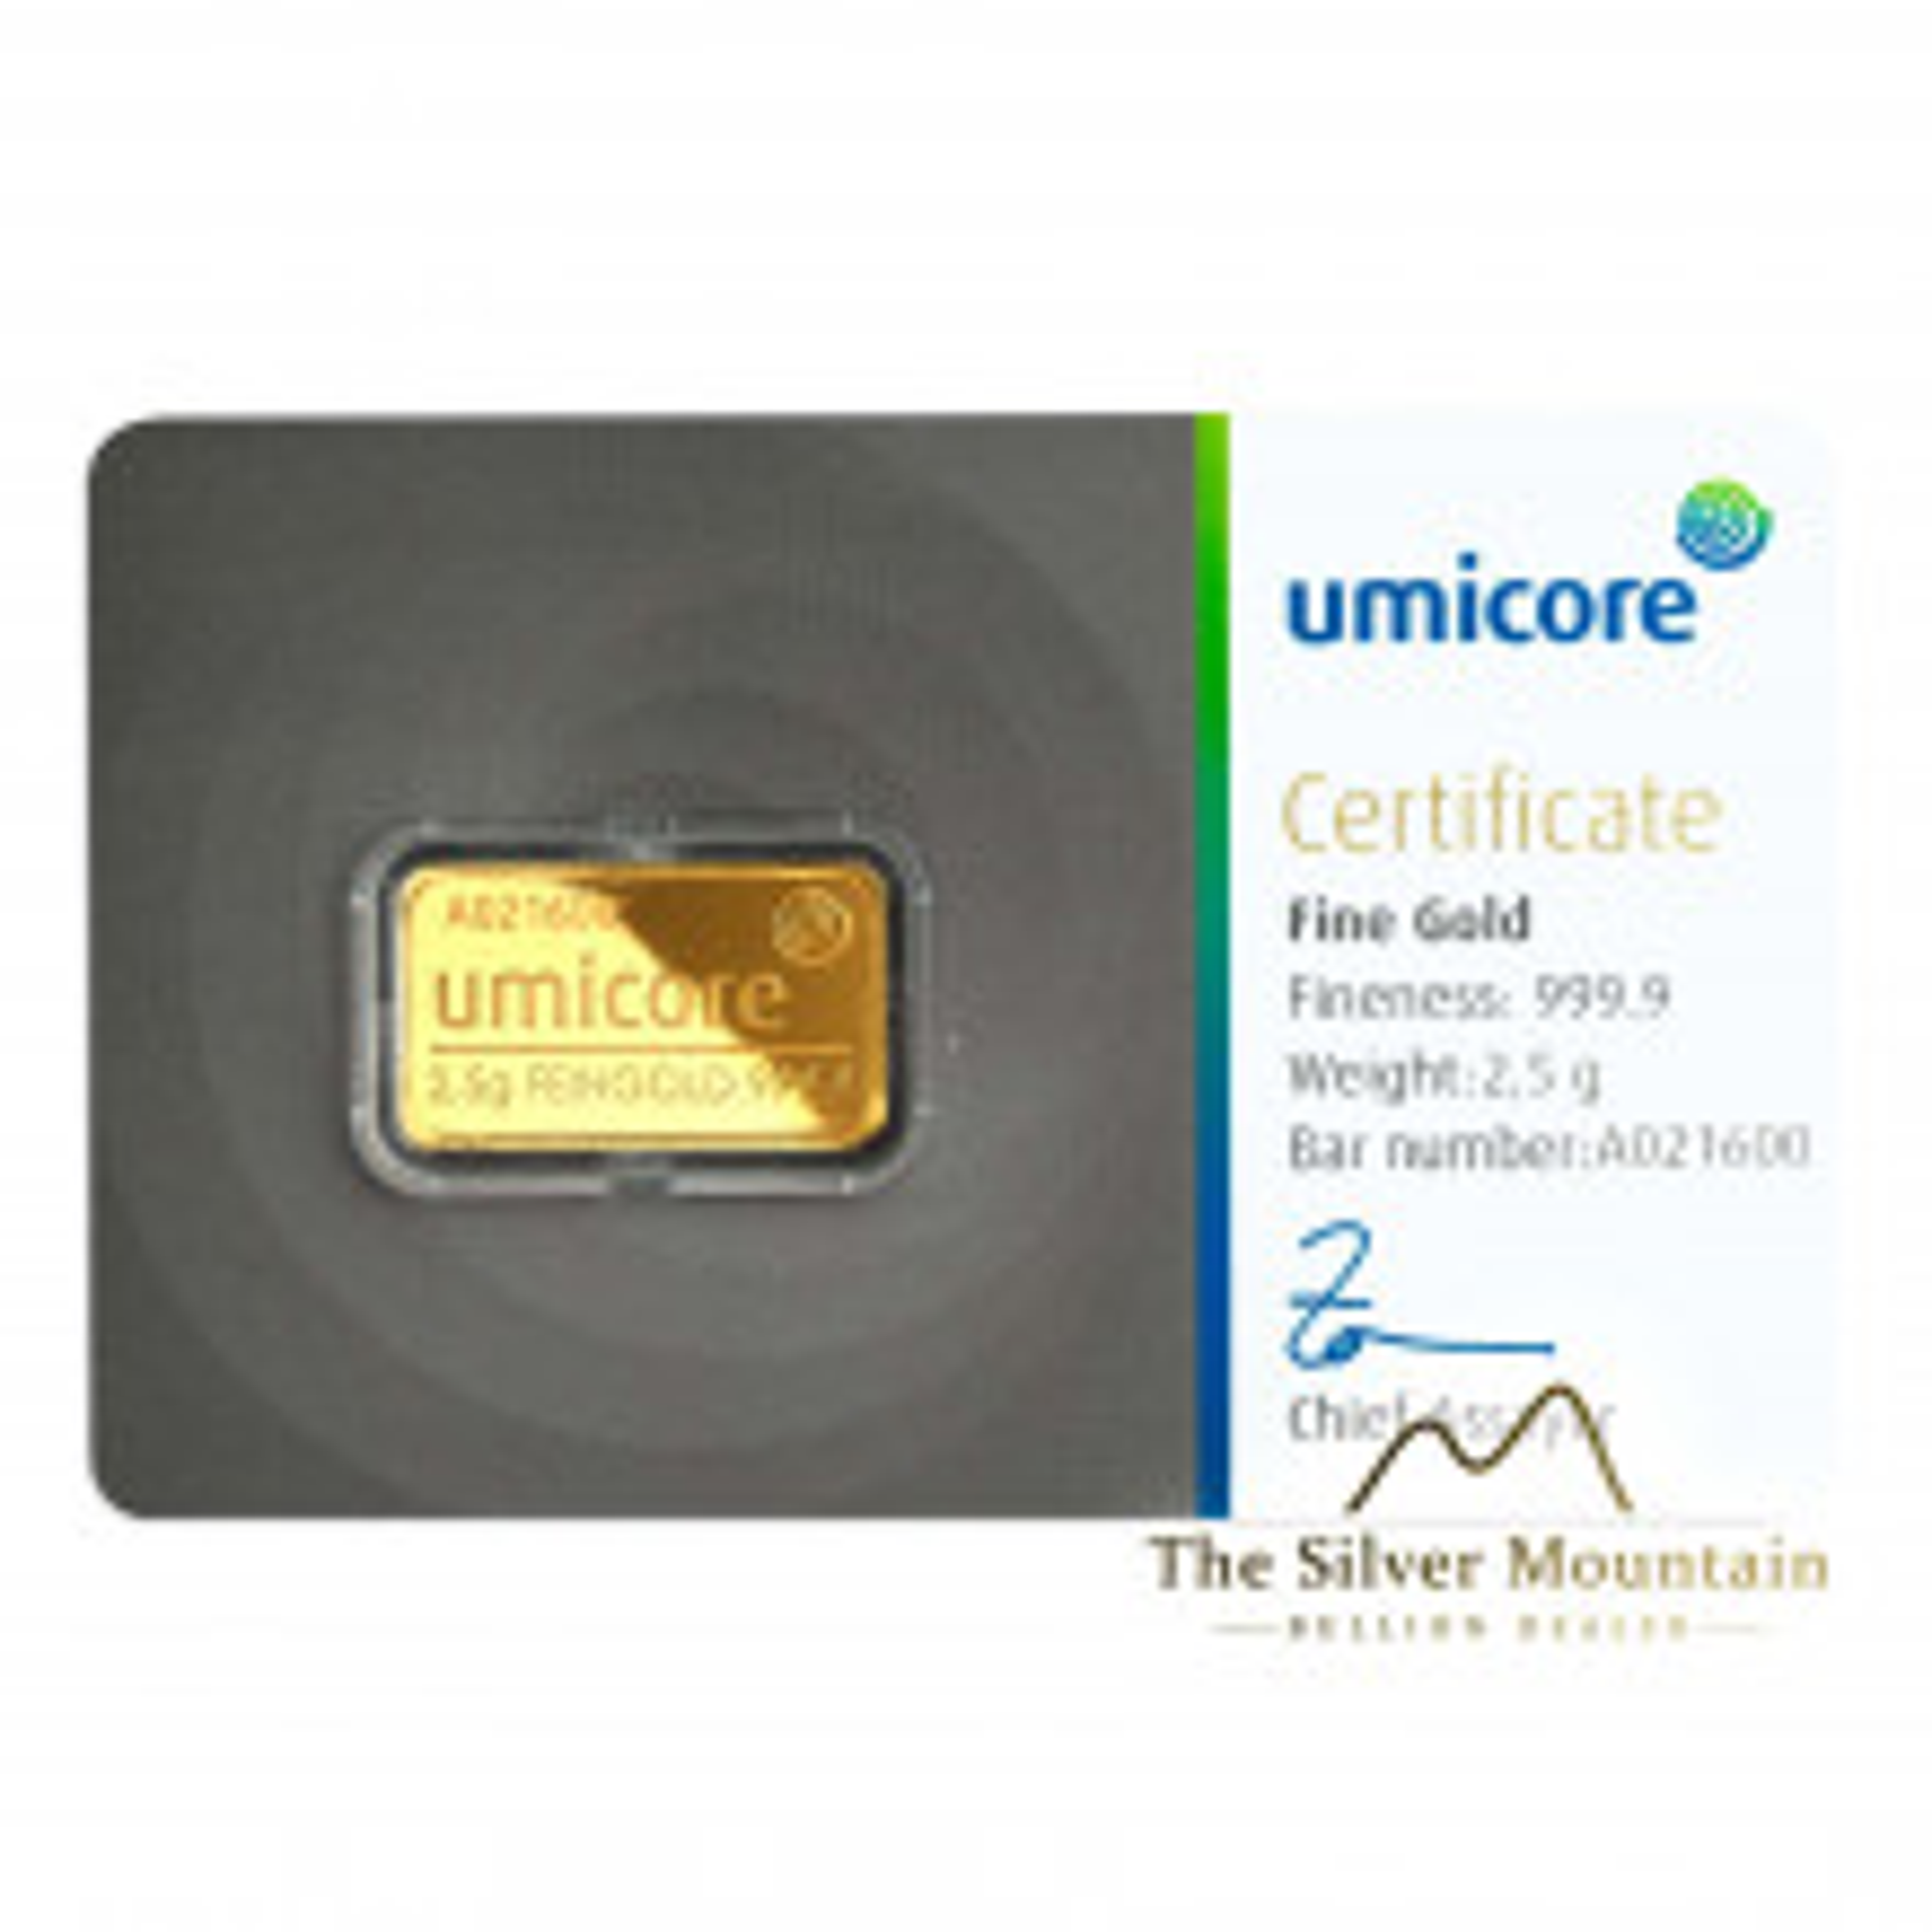 Goudbaar 2,5 gram Umicore met certificaat